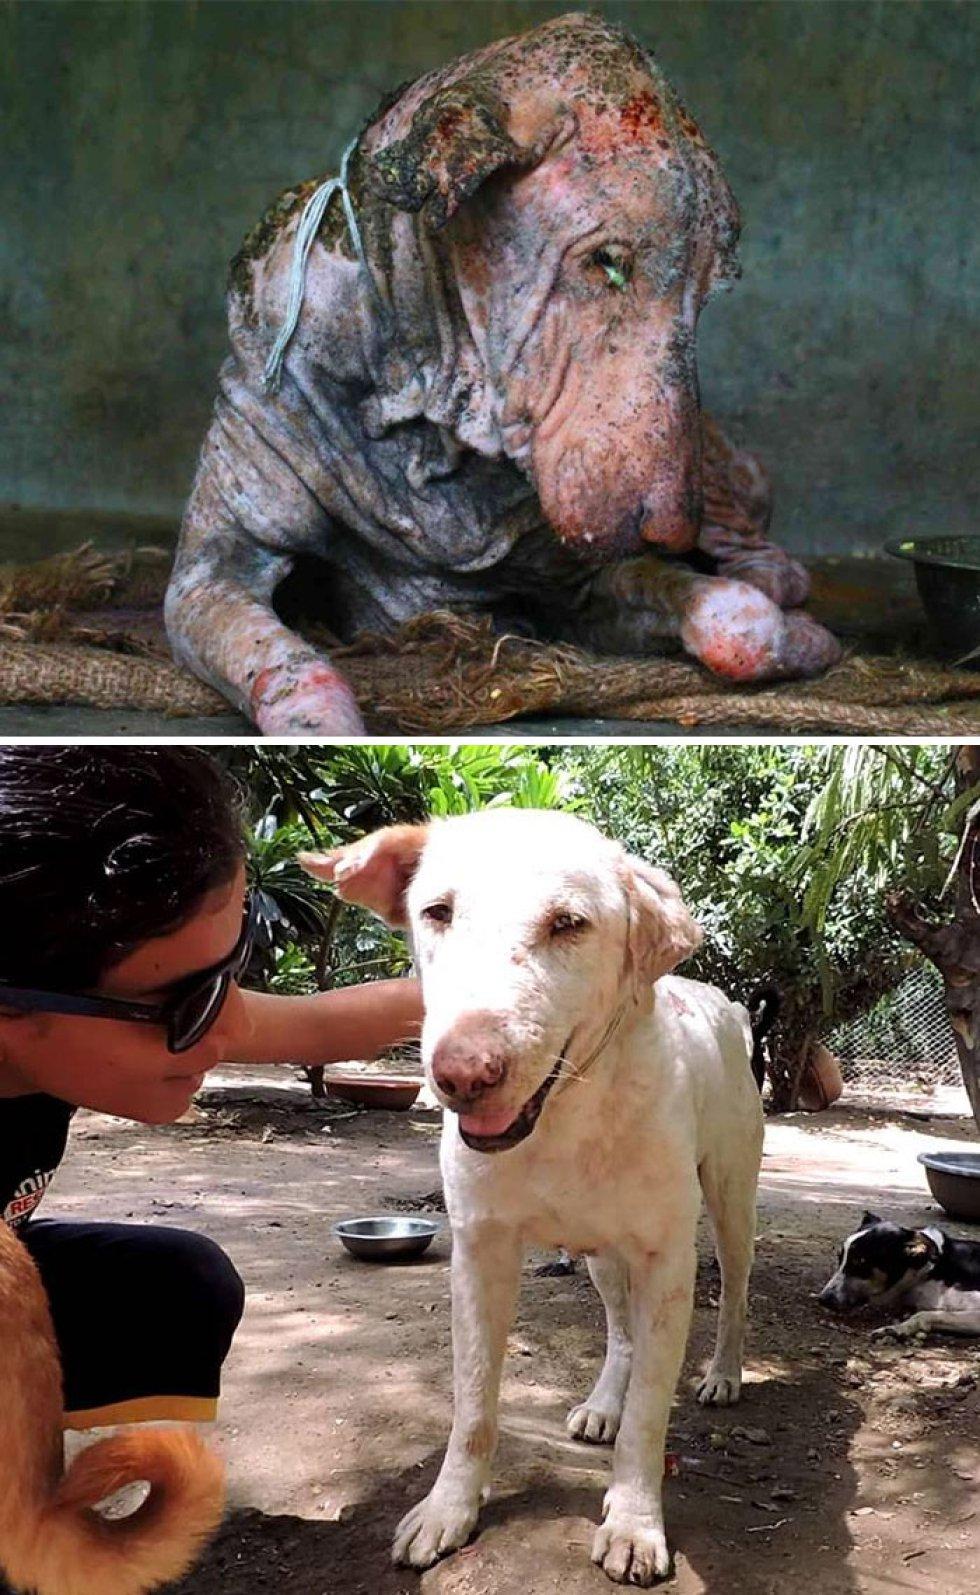 Fue rescatado de las calles y curado de la sarna. Así luce dos meses después